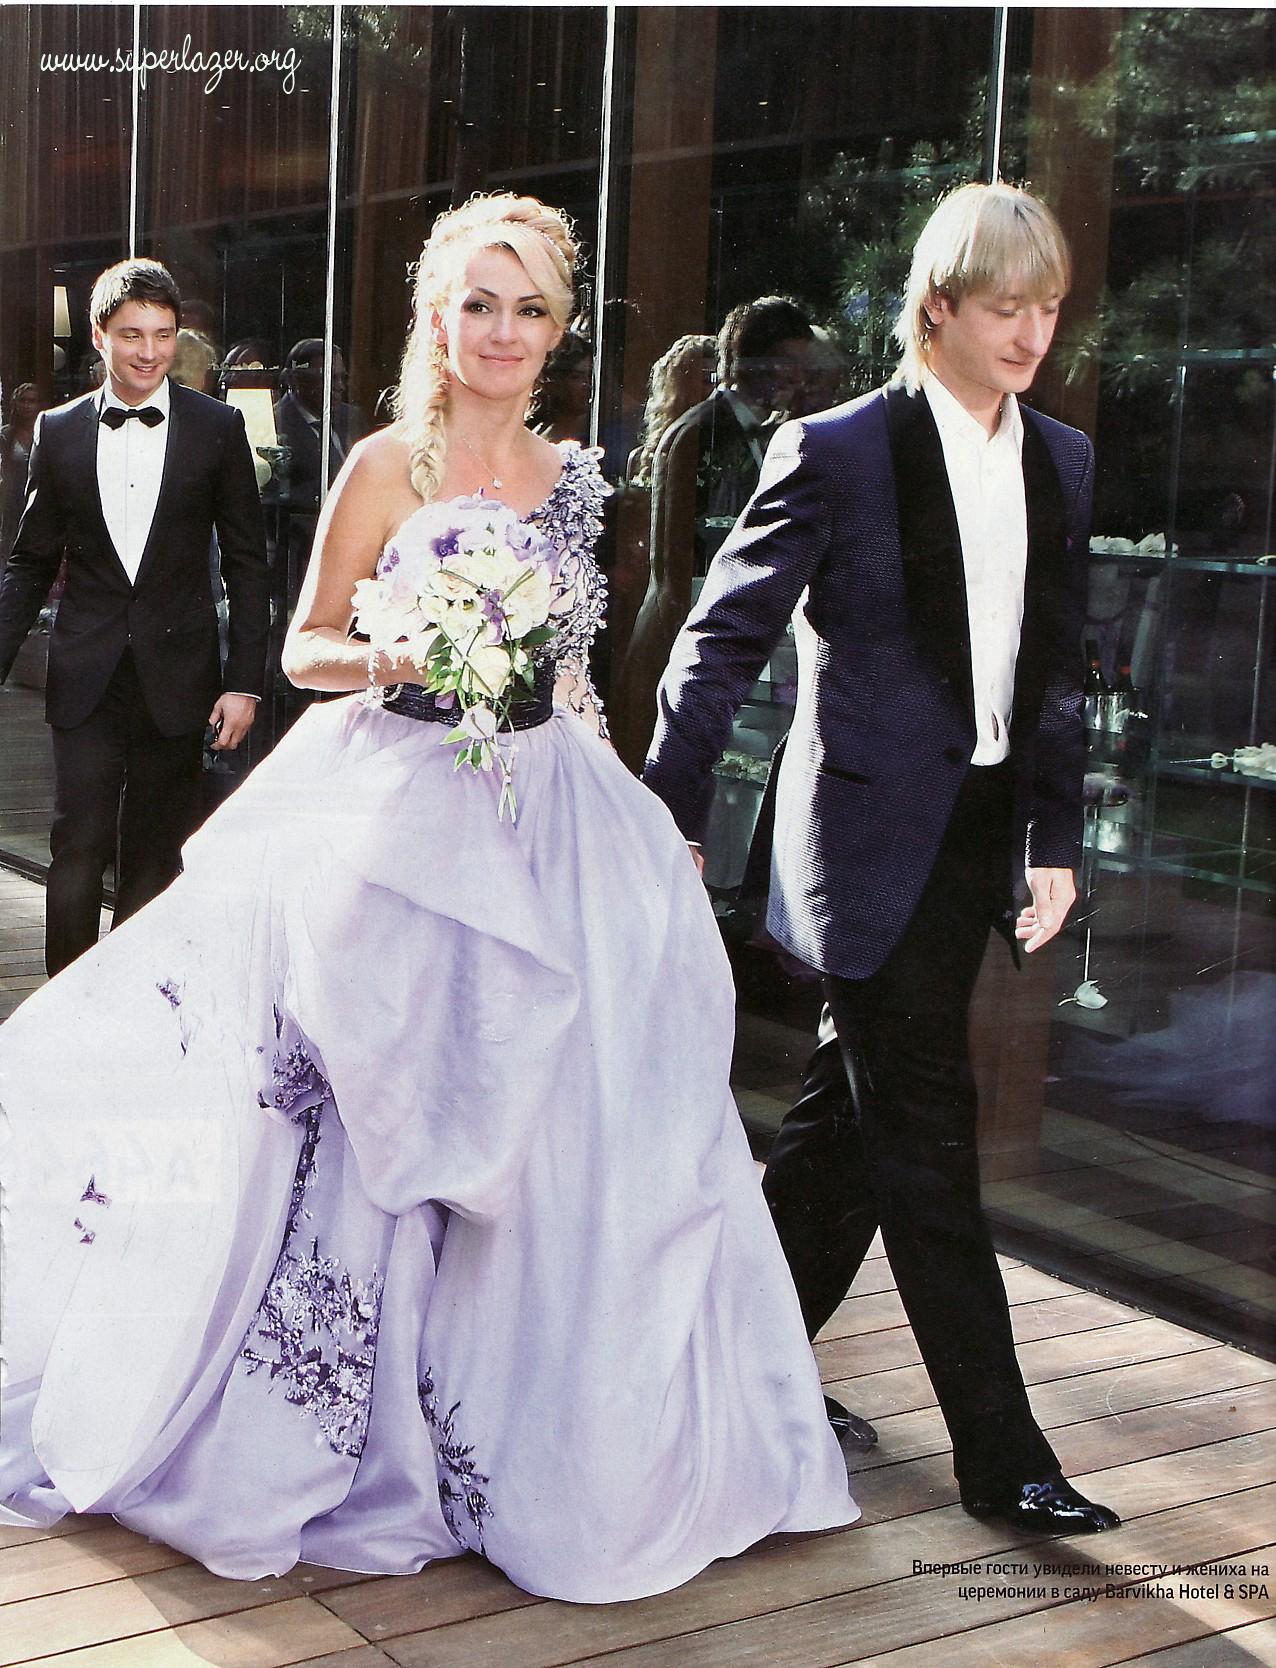 Свадьбы знаменитостей фото 25 фотография